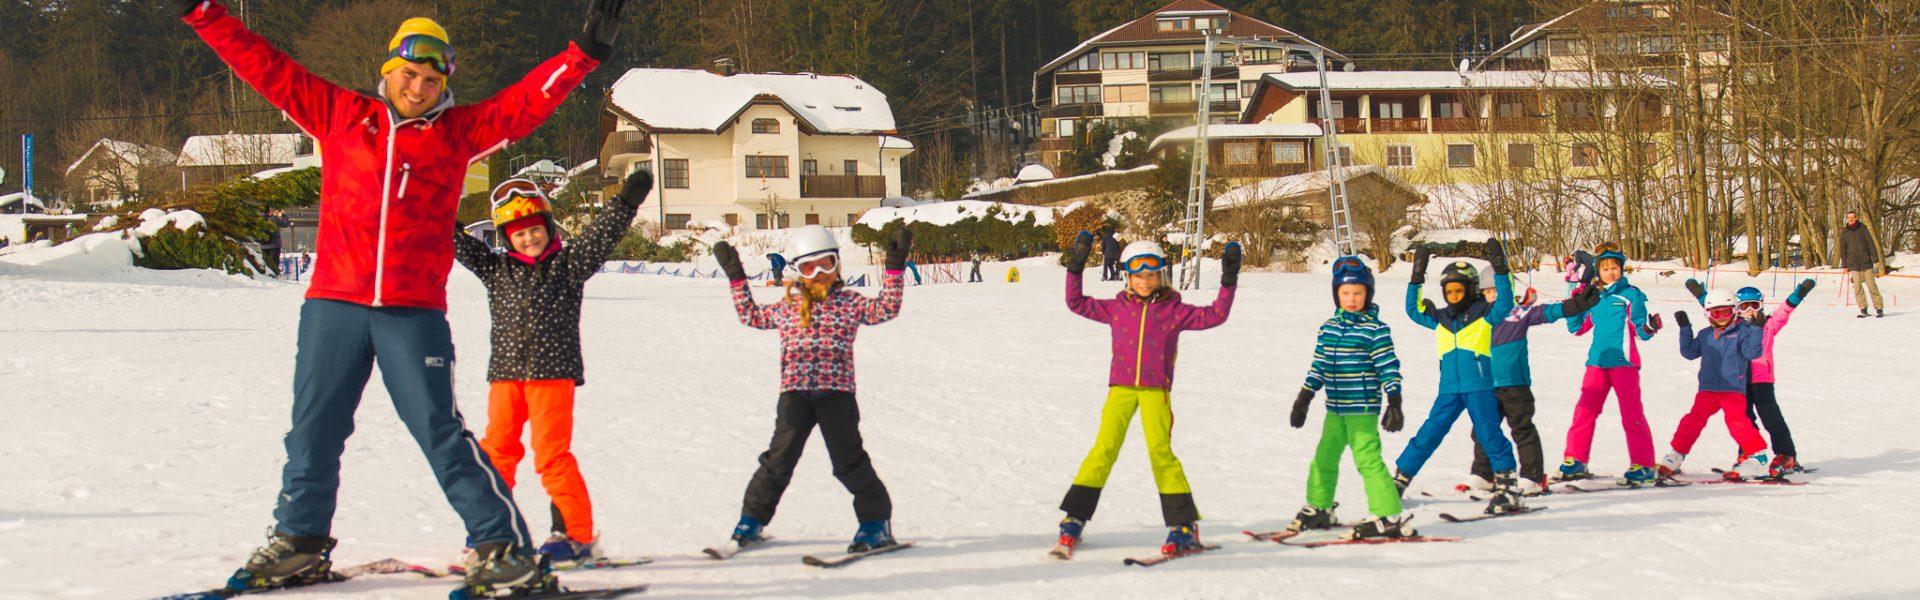 ssk skischule kunterbunt-46neu